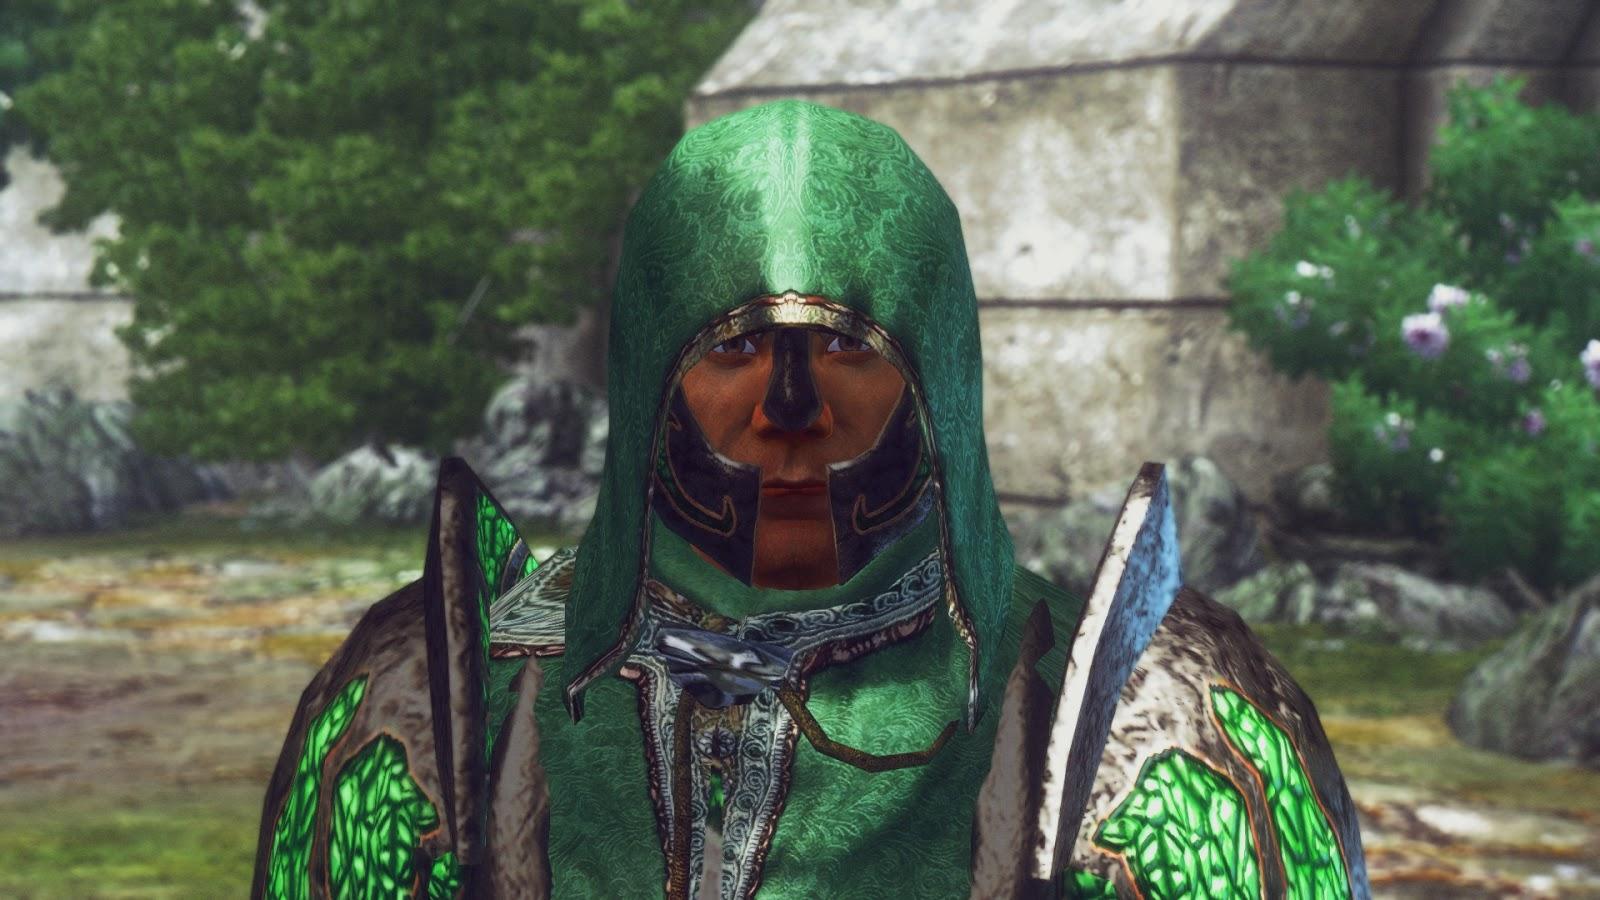 Amateur Mods by Zensalin / Mixxa77: Green Battlemage Armor